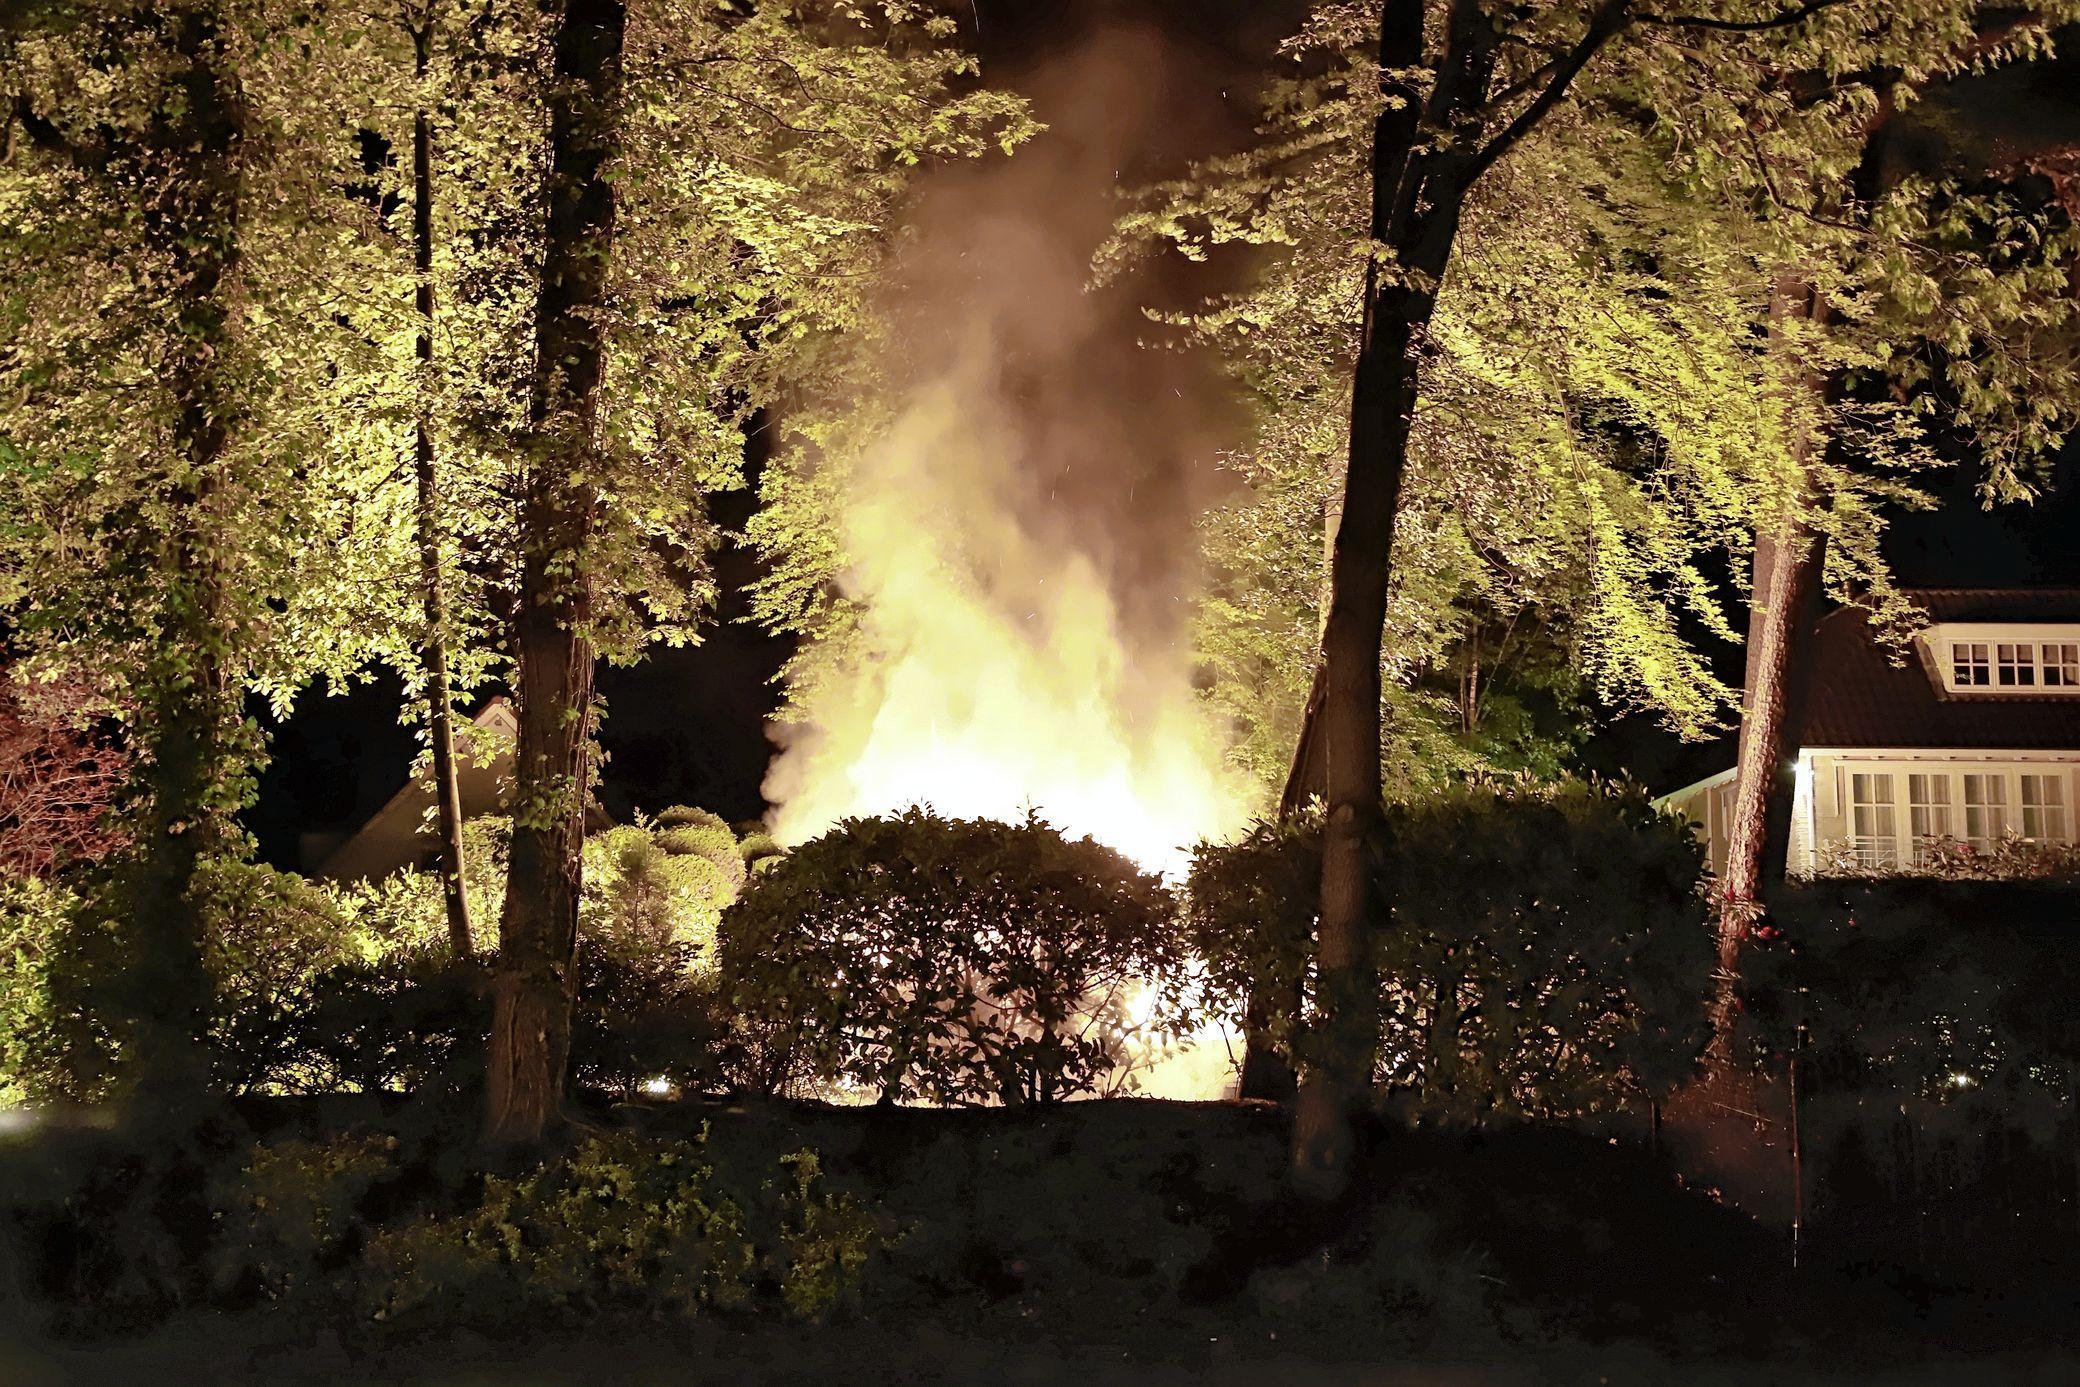 Dode man aangetroffen in uitgebrande bestelbus in Blaricum, politie gaat niet uit van misdrijf